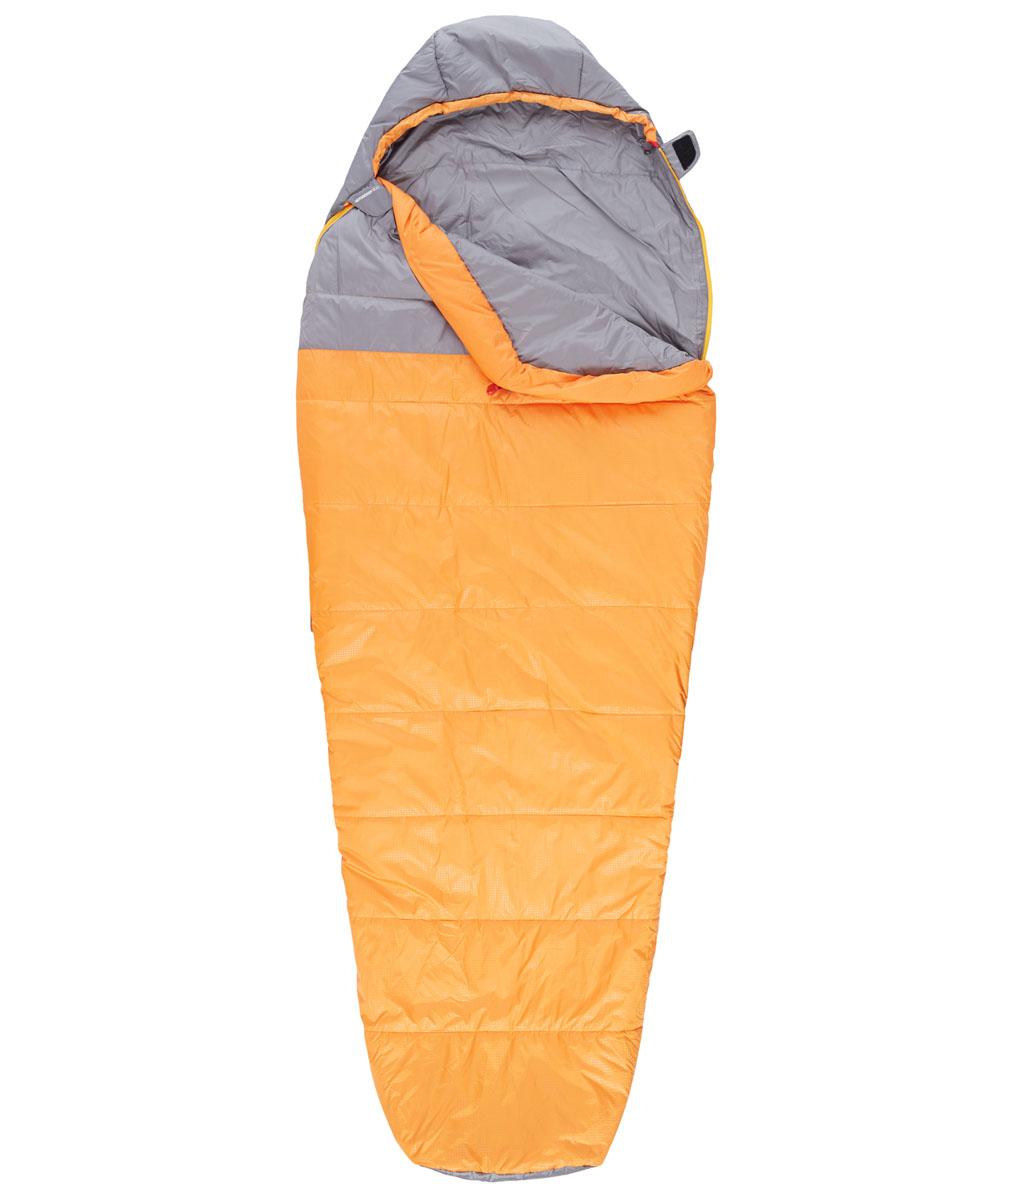 Спальный мешок The North Face Aleutian 35/2, цвет: оранжевый. T0A3A4M5RRH LNG